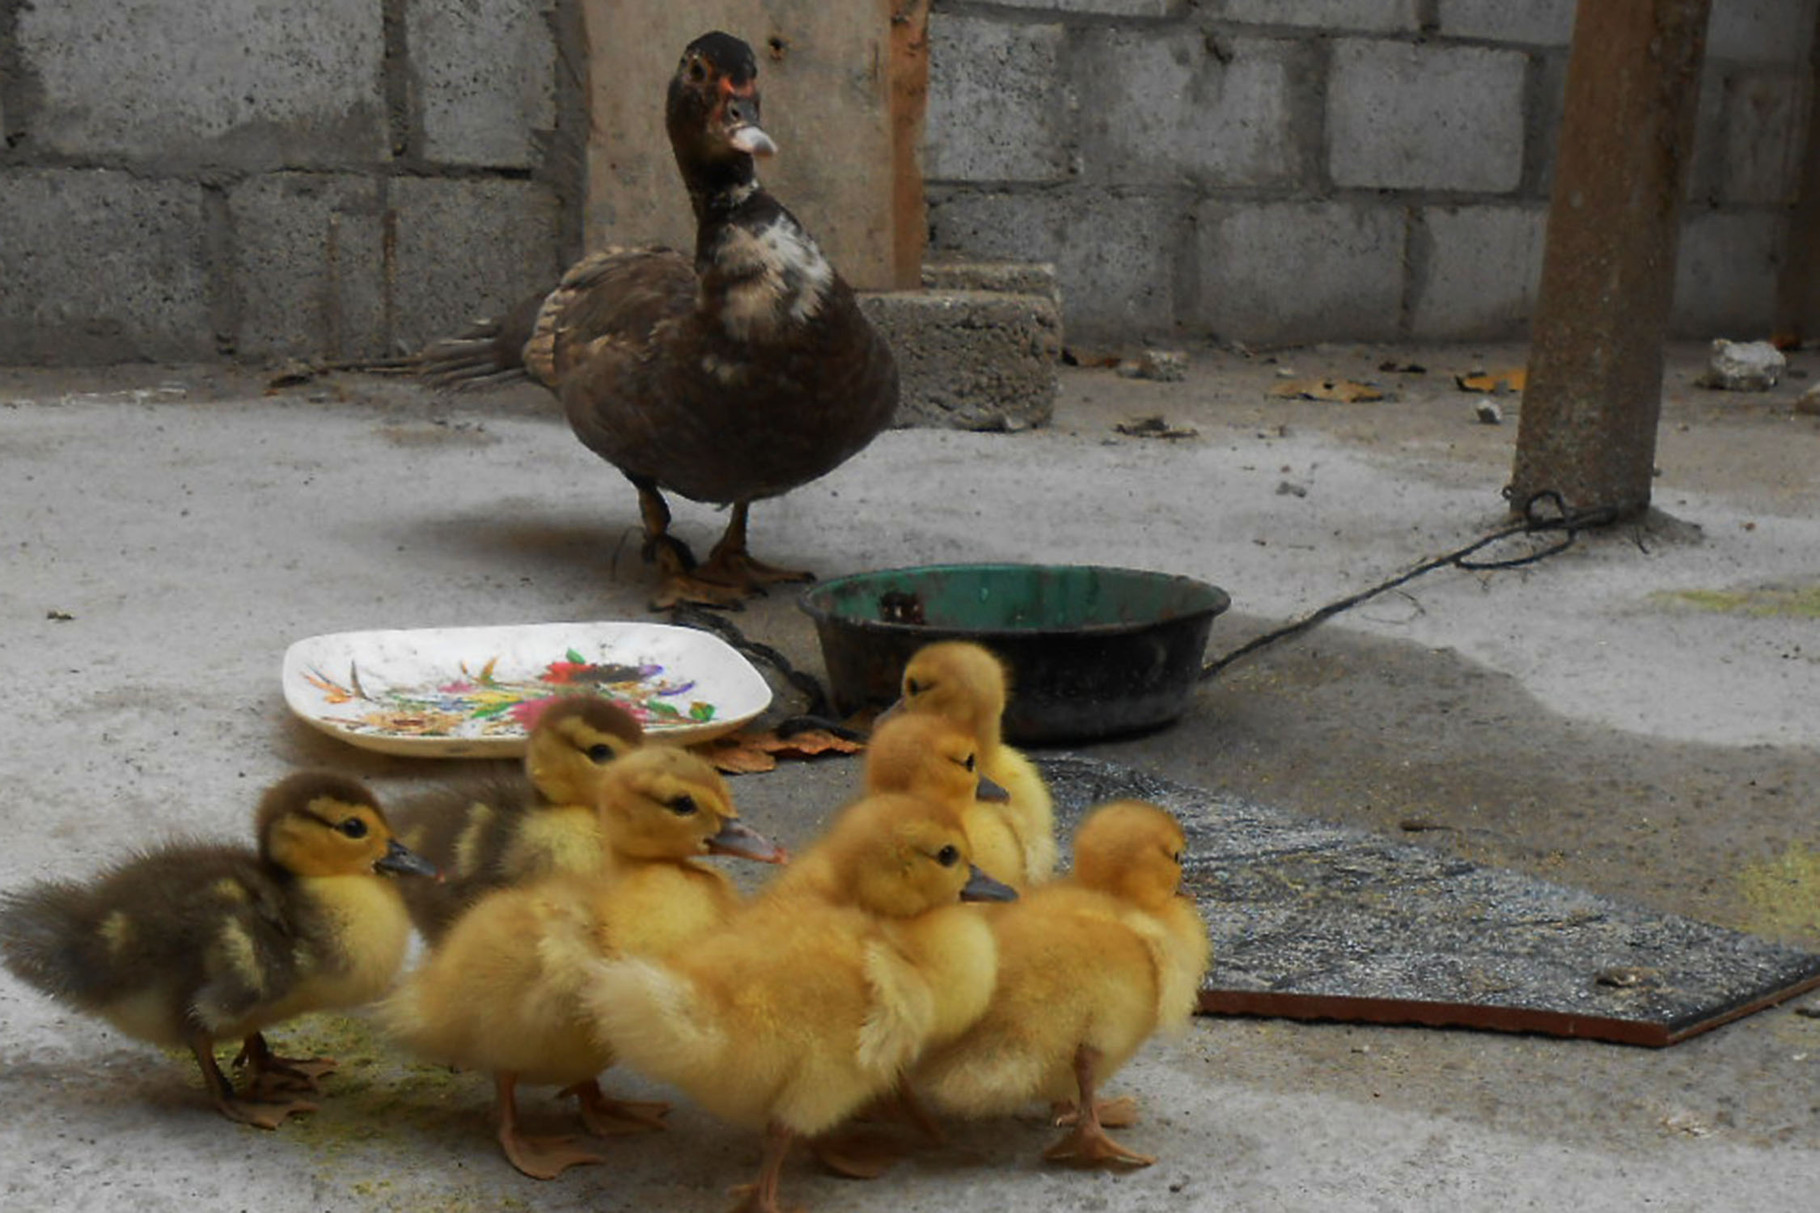 Aktuell wohnt Mama Ente mit Nachwuchs im Rohbau (zusätzliches Zimmer) von Luis